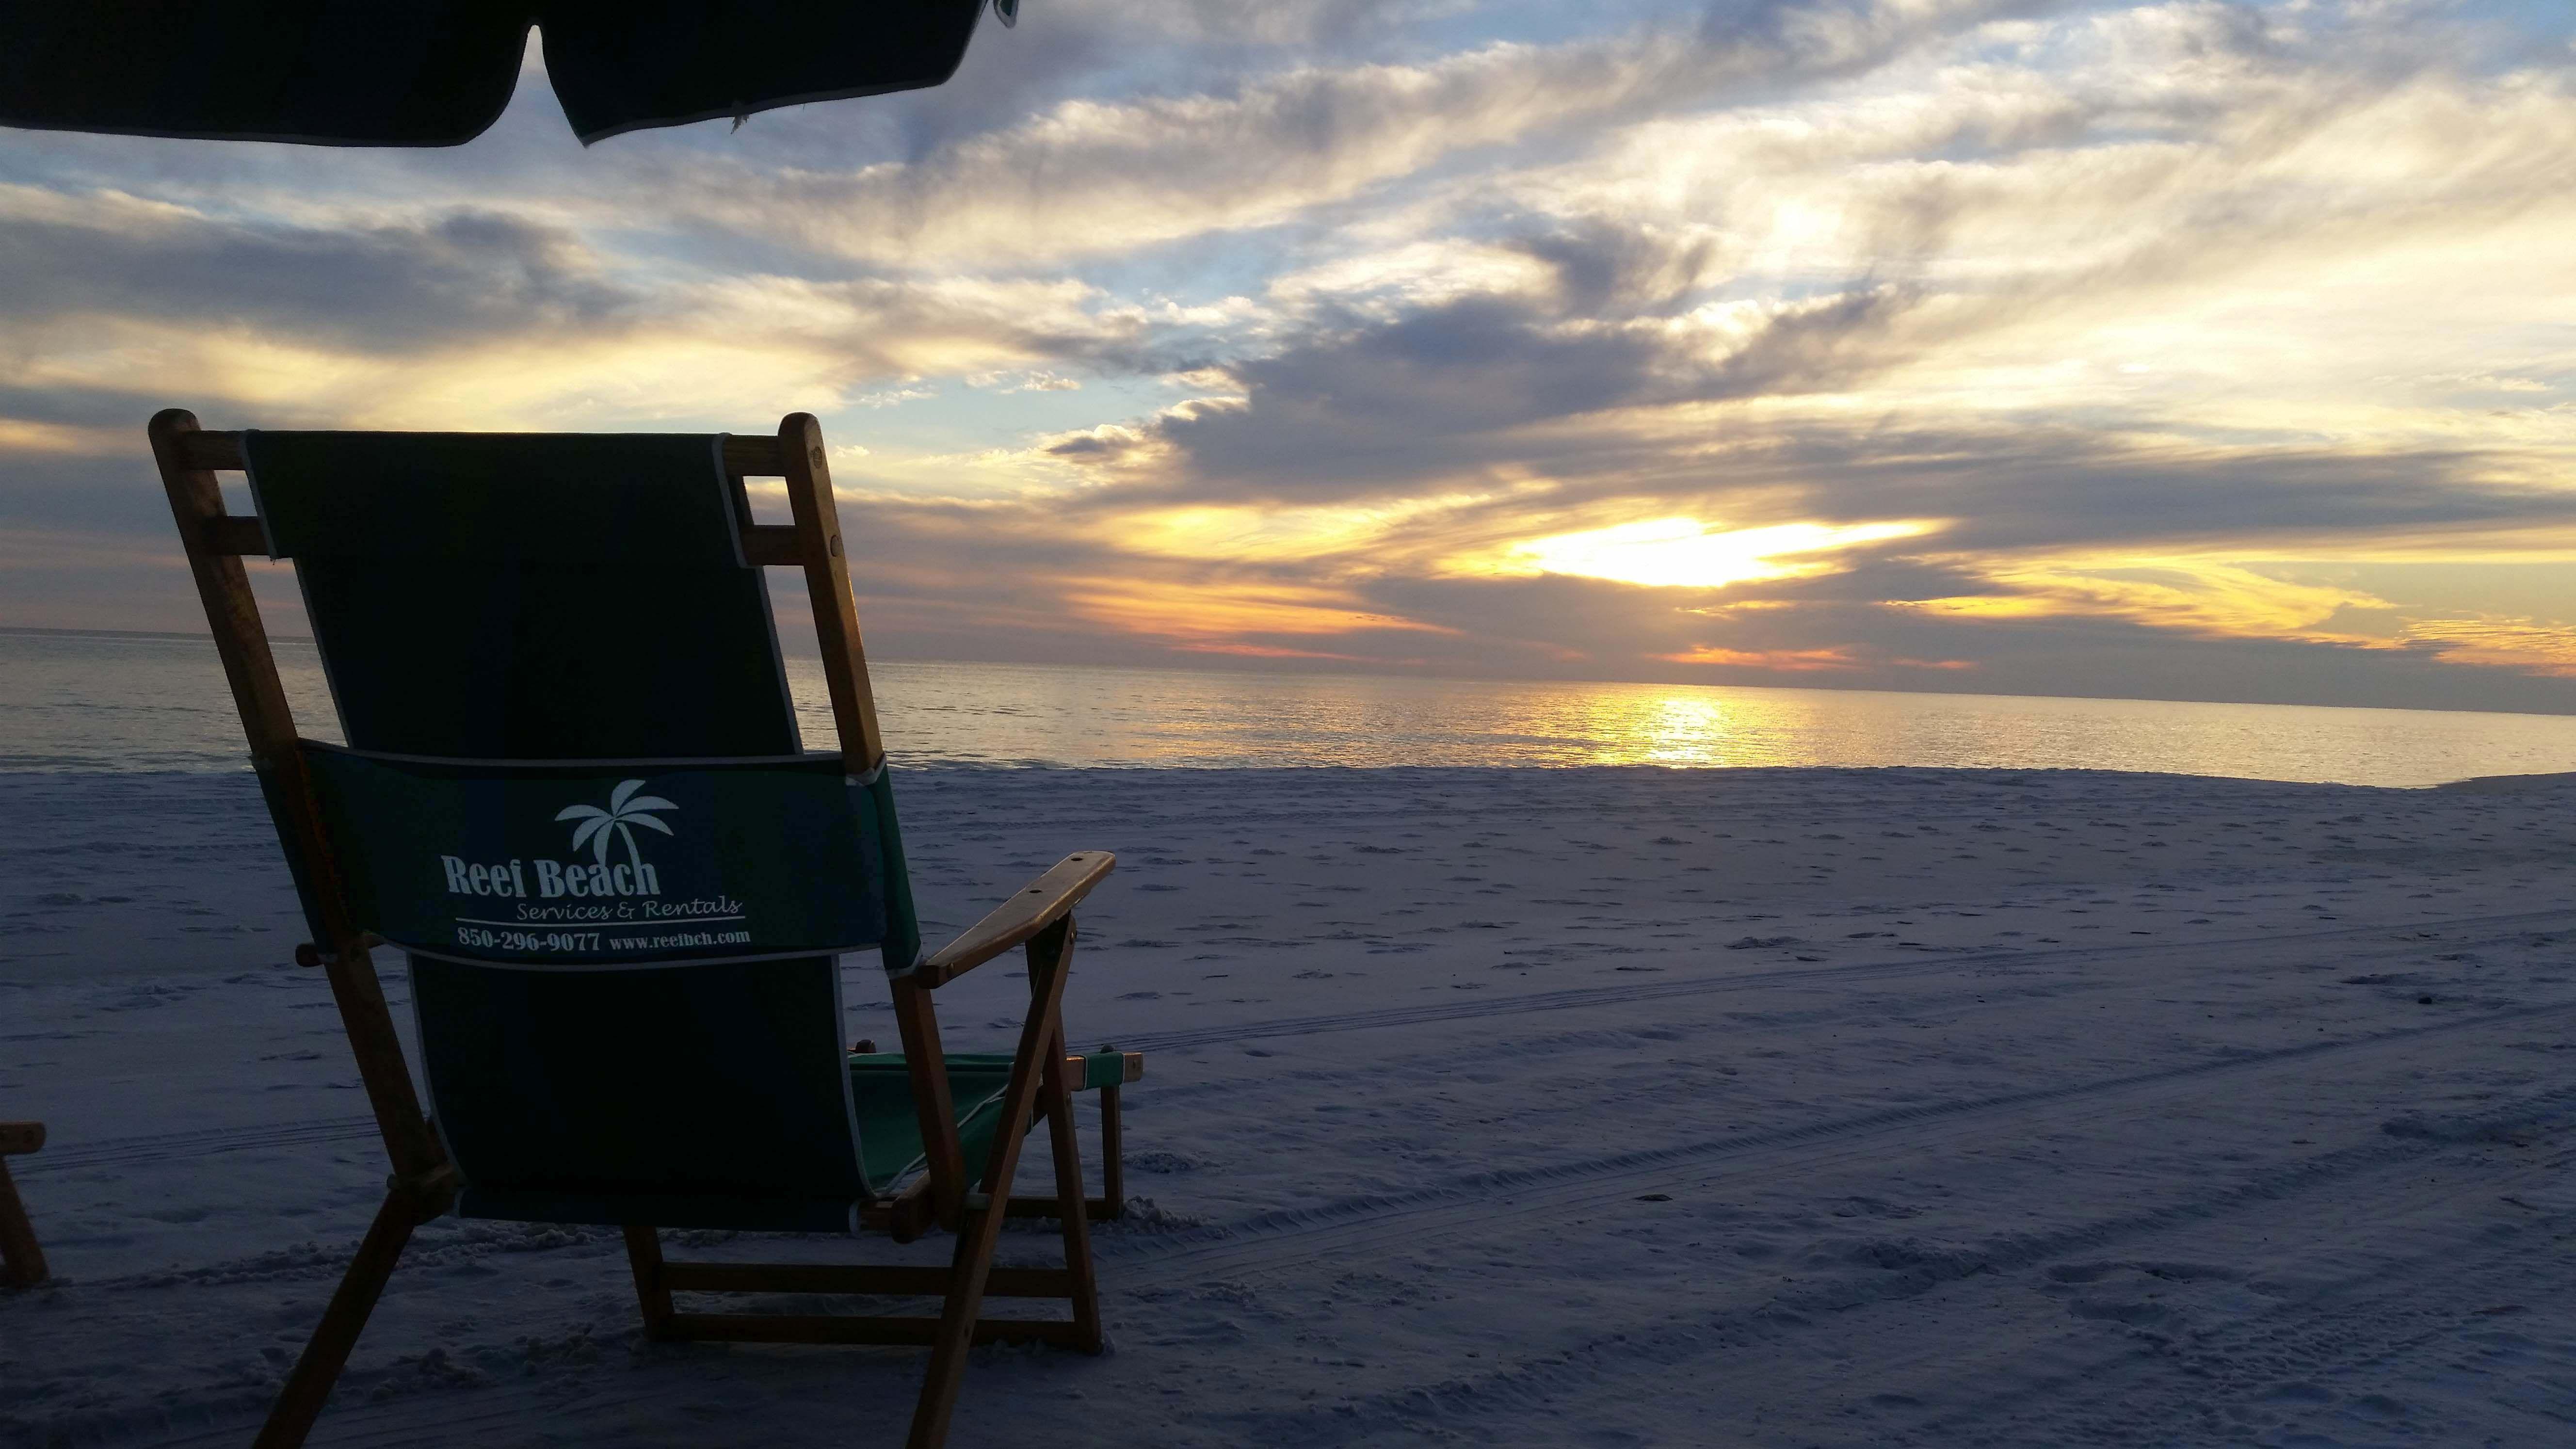 reef beach services & rentals in santa rosa beach, fl | natural